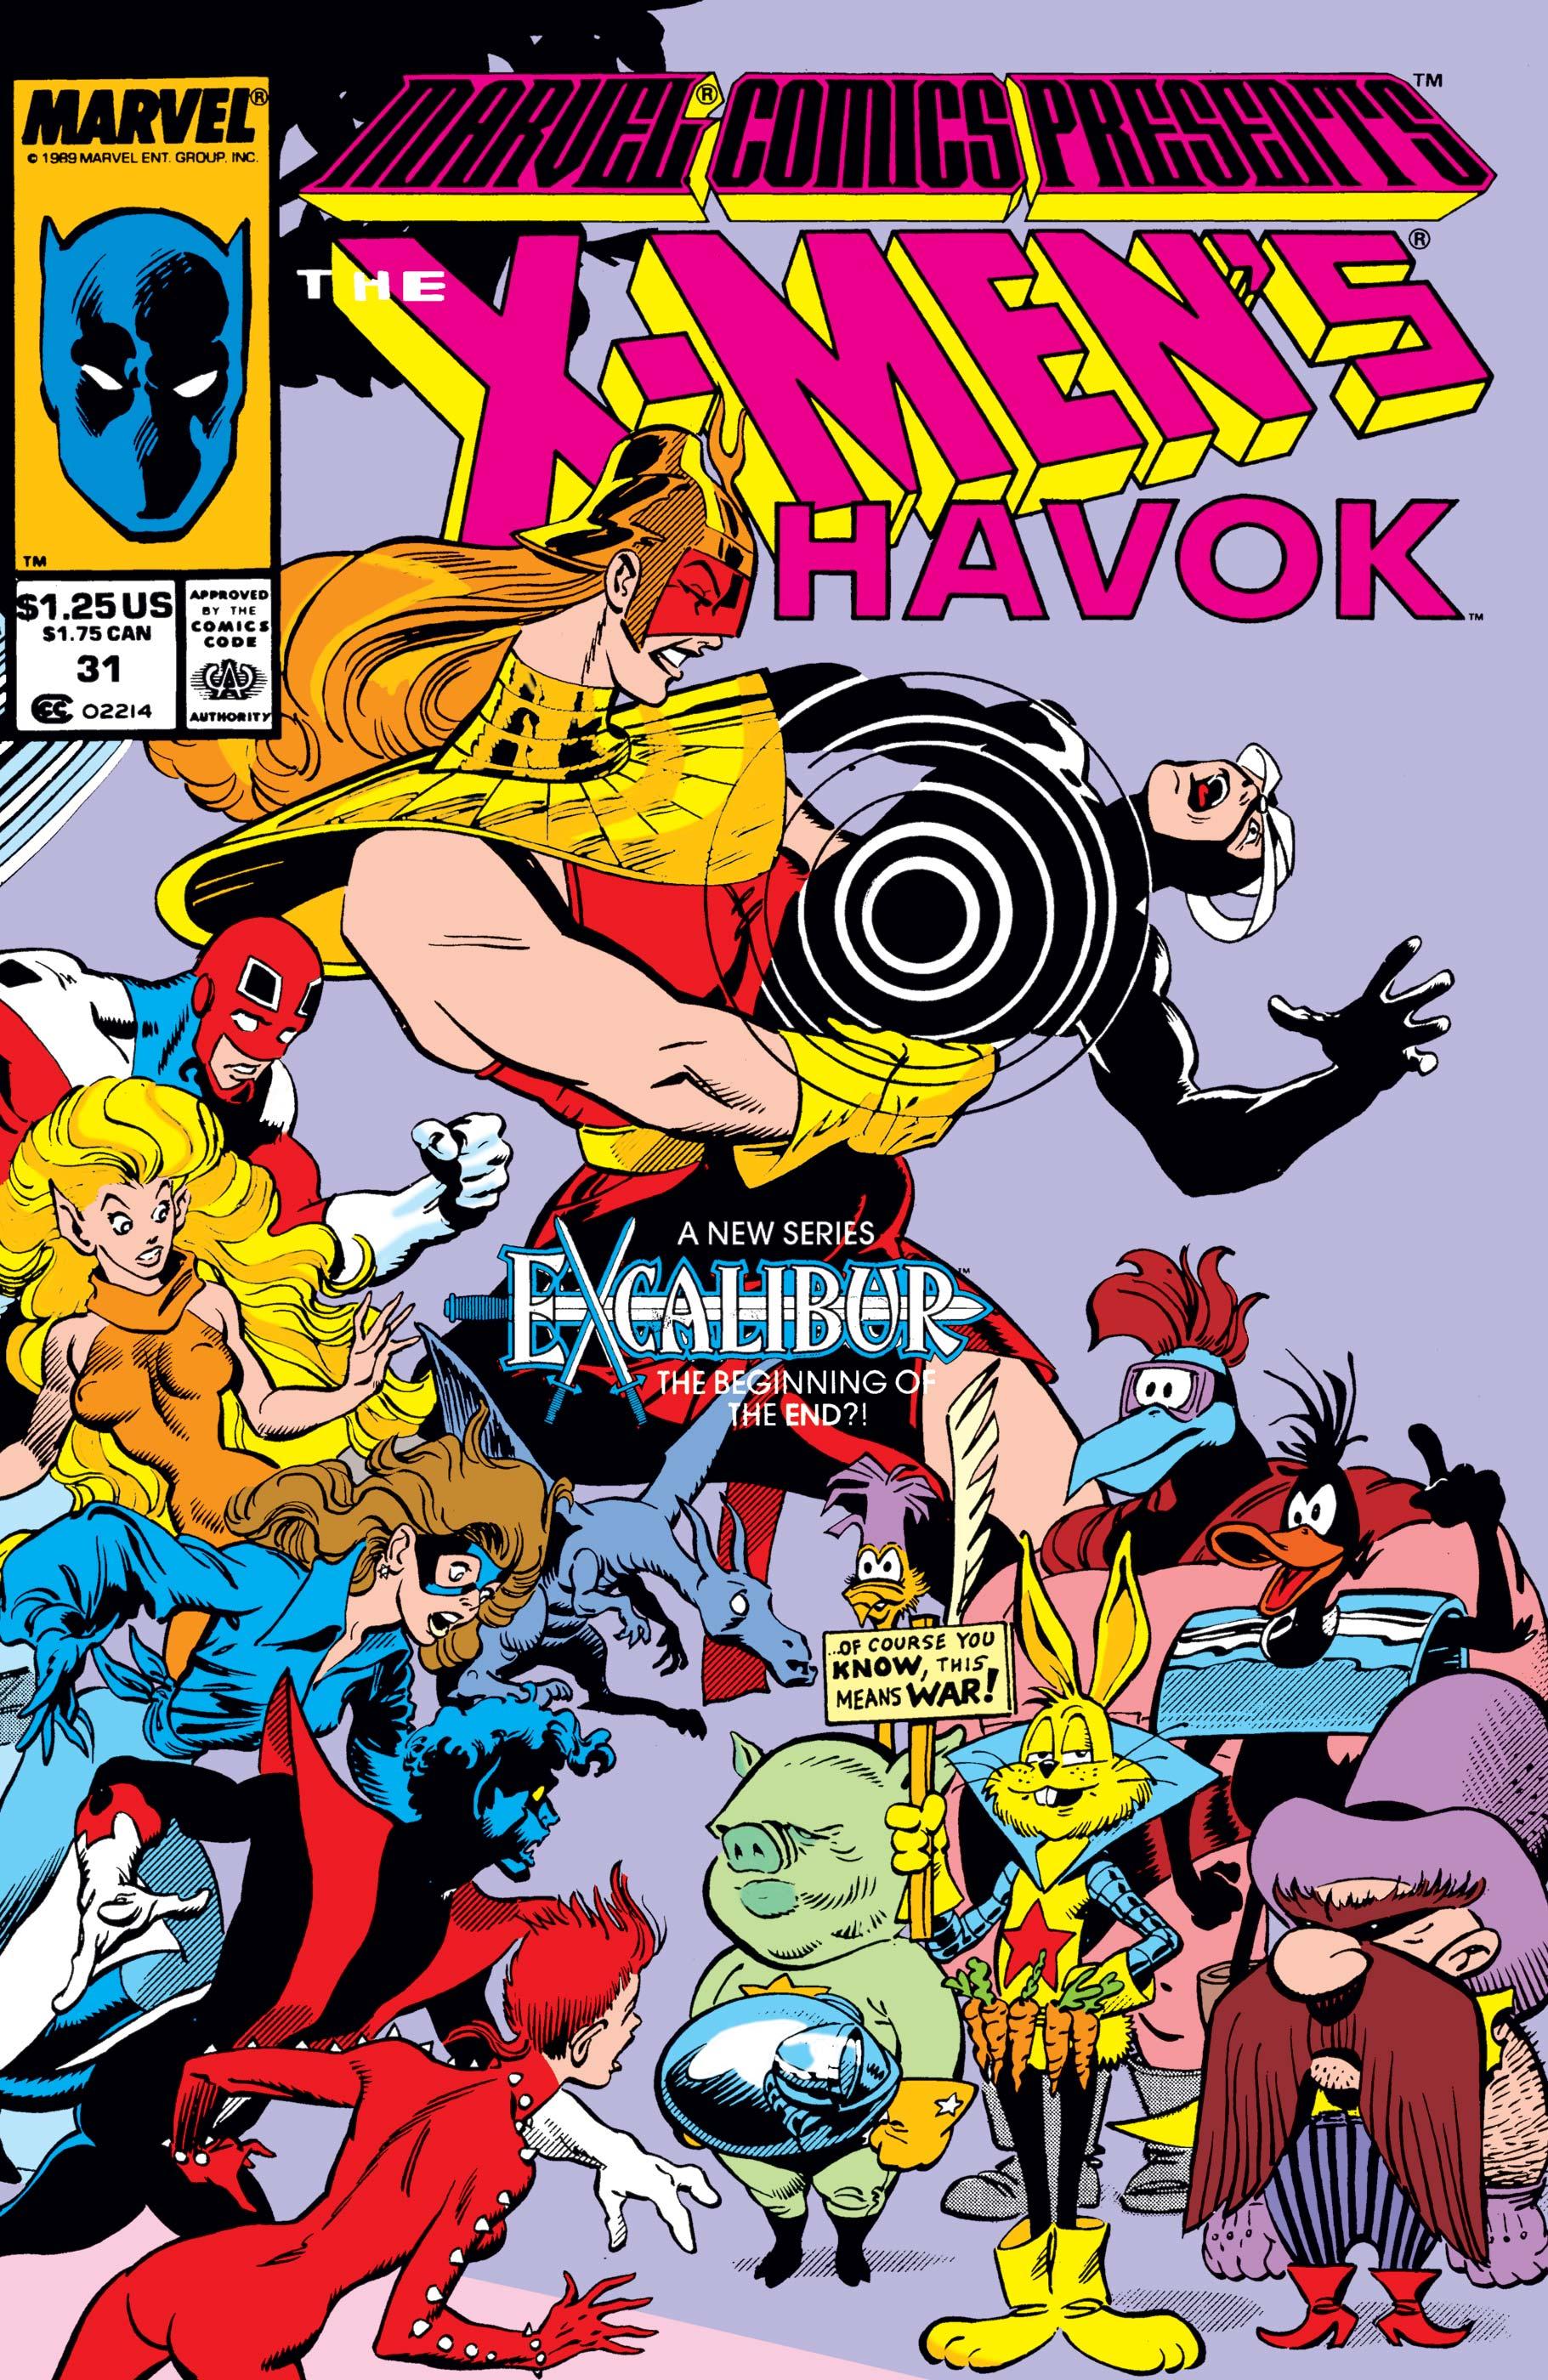 Marvel Comics Presents (1988) #31